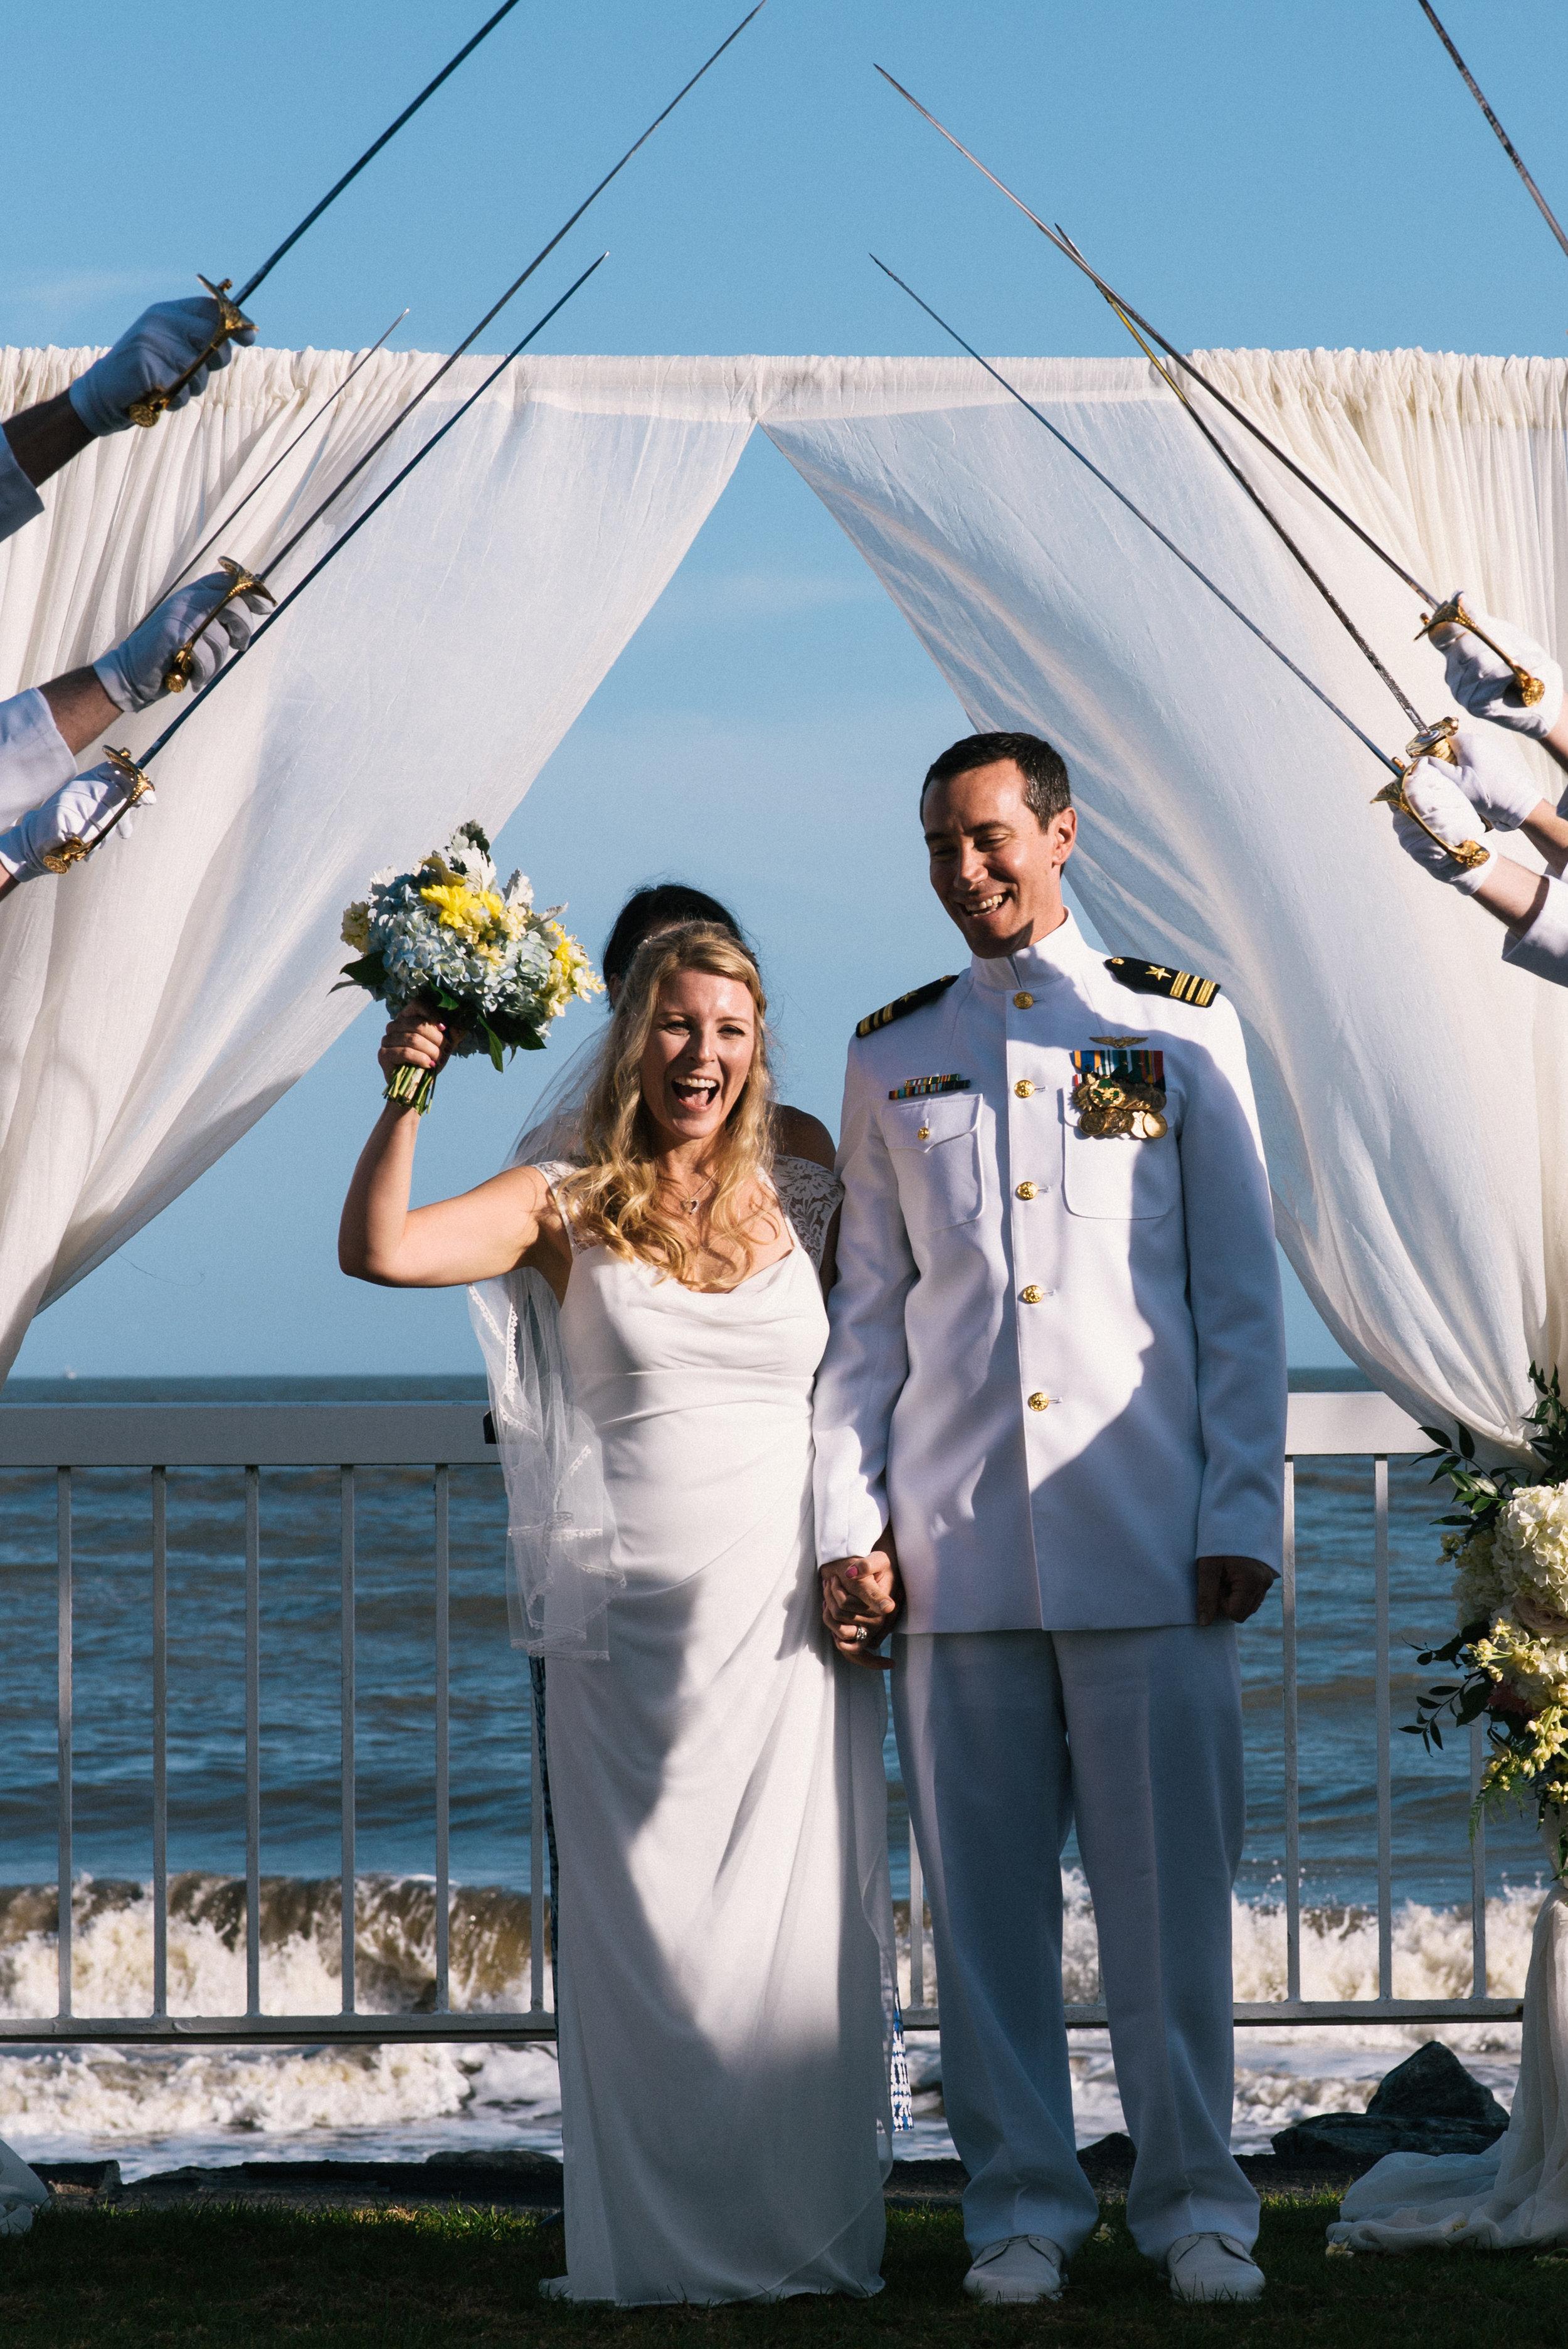 st-simons-island-elopement-photographer-savannah-elopement-photography-savannah-georgia-elopement-photographer-savannah-wedding-photographer-meg-hill-photo-jade-hill- (38 of 72).jpg